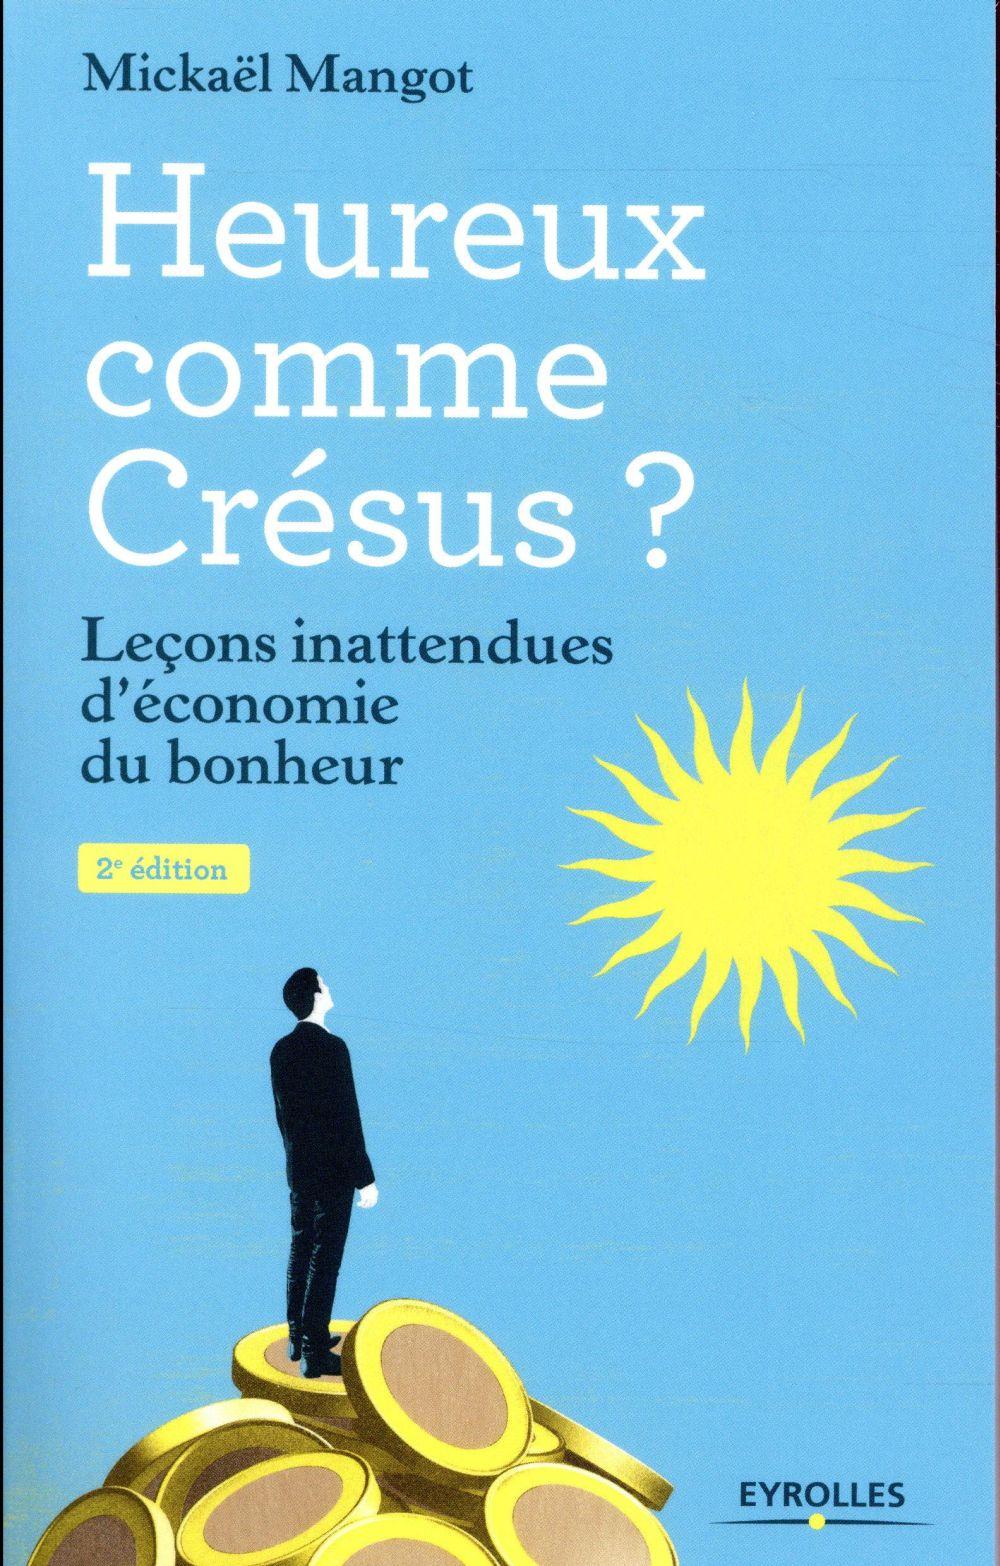 HEUREUX COMME CRESUS - LECONS INATTENDUES D ECONOMIE DU BONHEUR